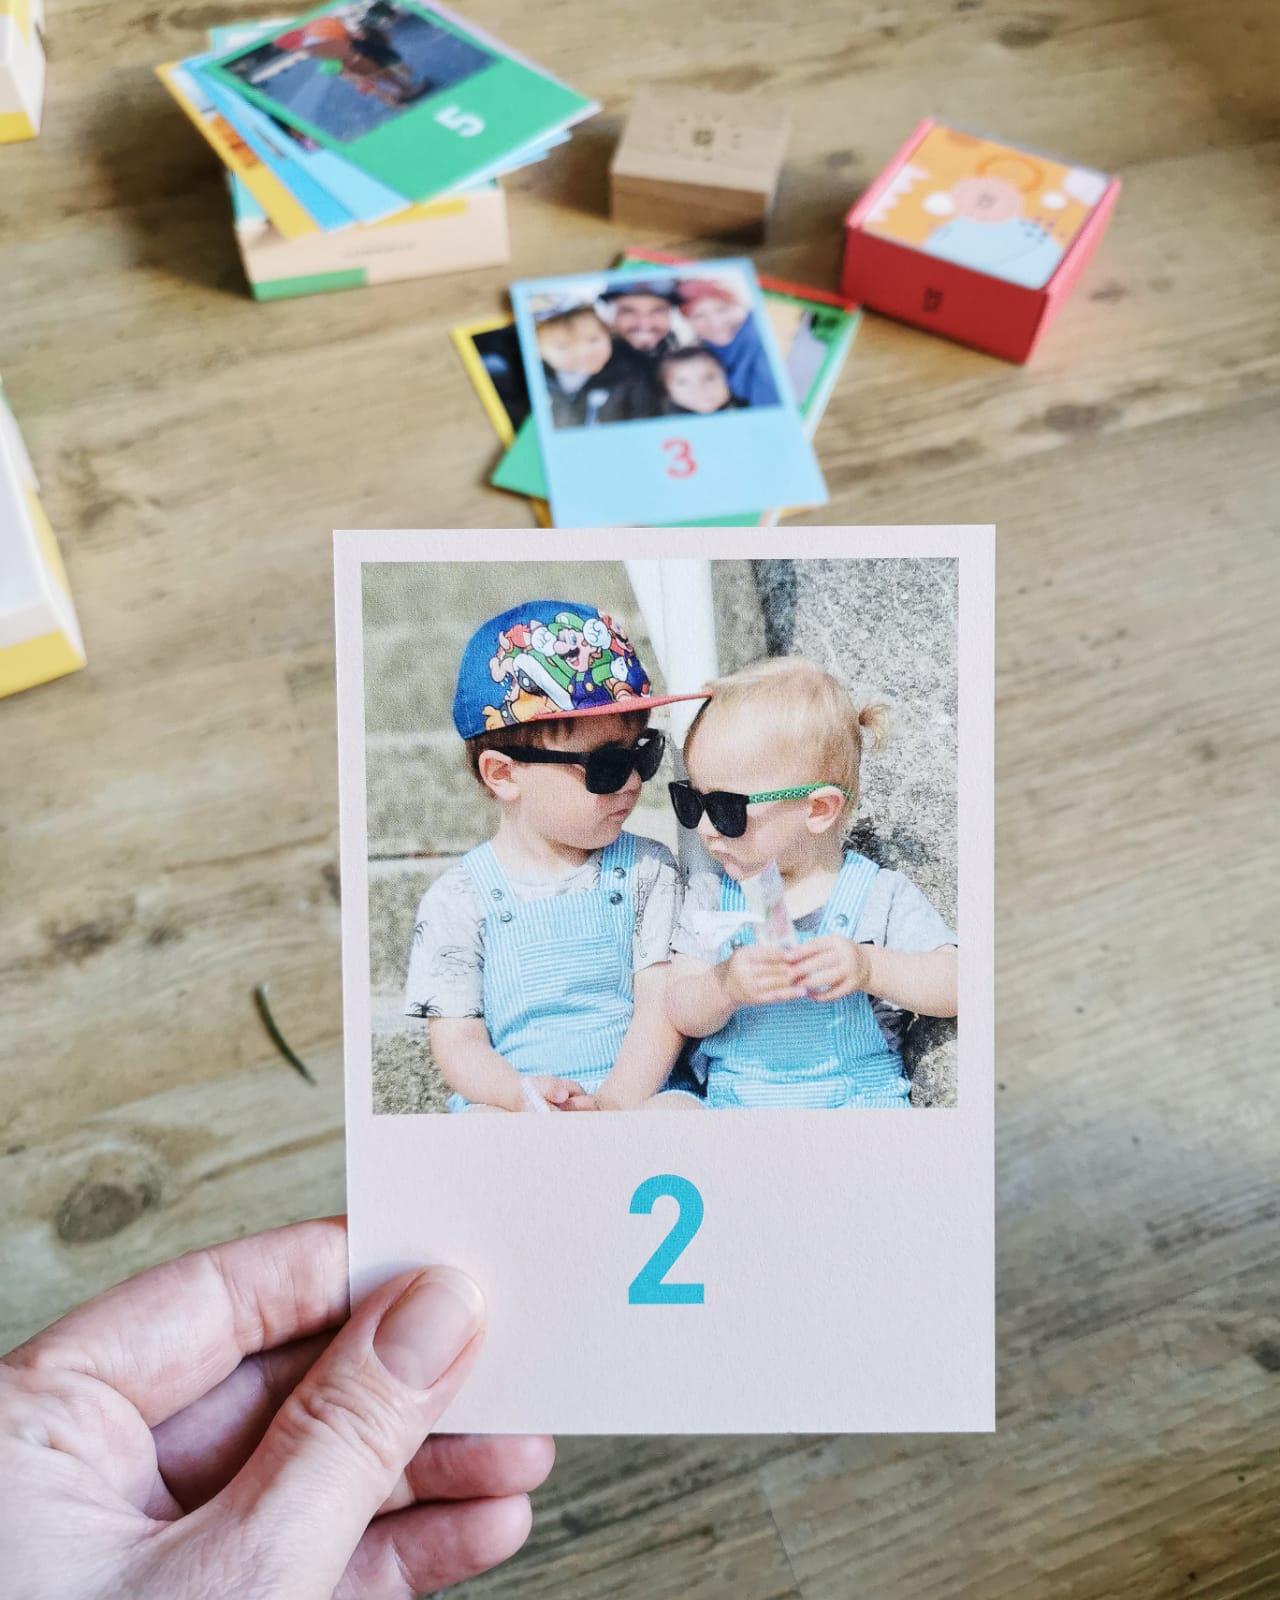 Knallbunte, einzigartige und personalisierbare Fotobücher, Foto Memospiele, Weihnachtskarten, Adventskalender, Kalender, Geburtskarten von Kleine Prints – super schnell und total einfach gestaltet // judetta.de